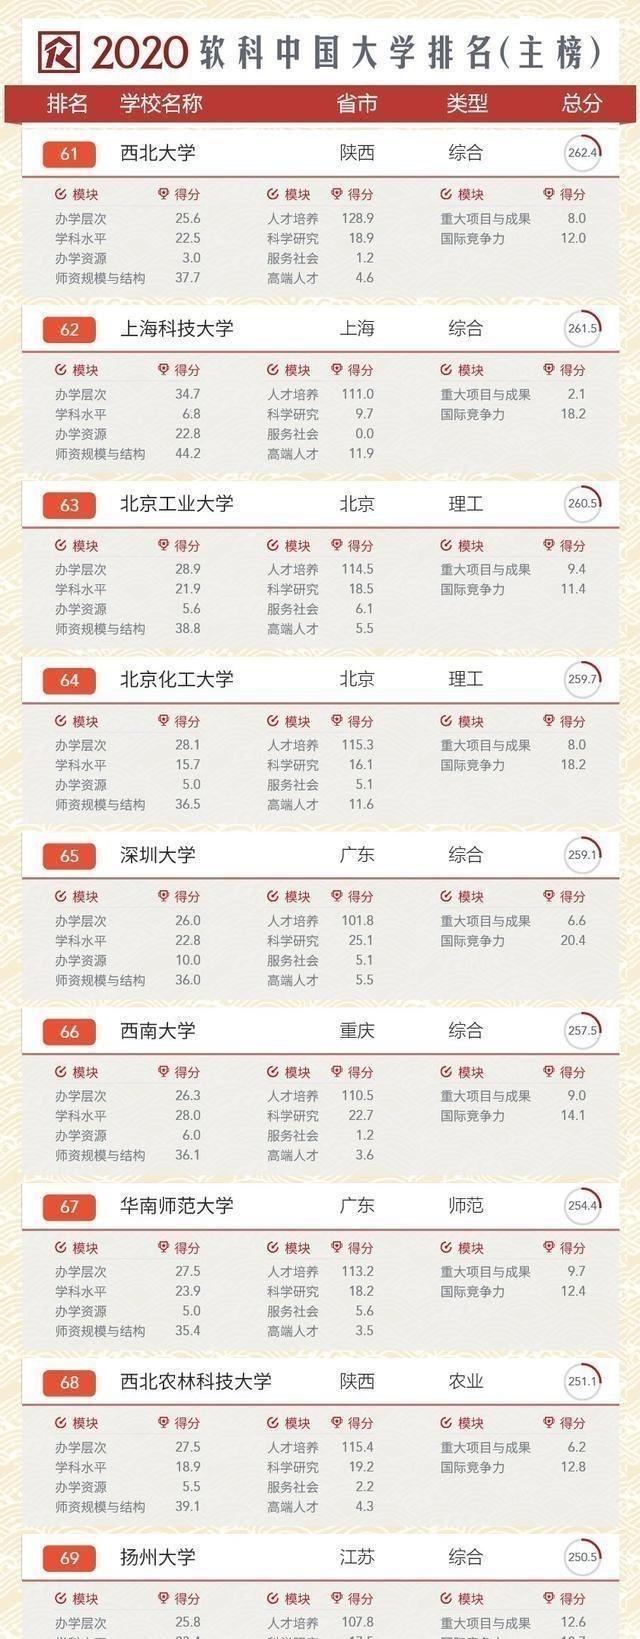 """中国高校排名发布,三所""""双非""""高校挺进前70,刮目相看!"""